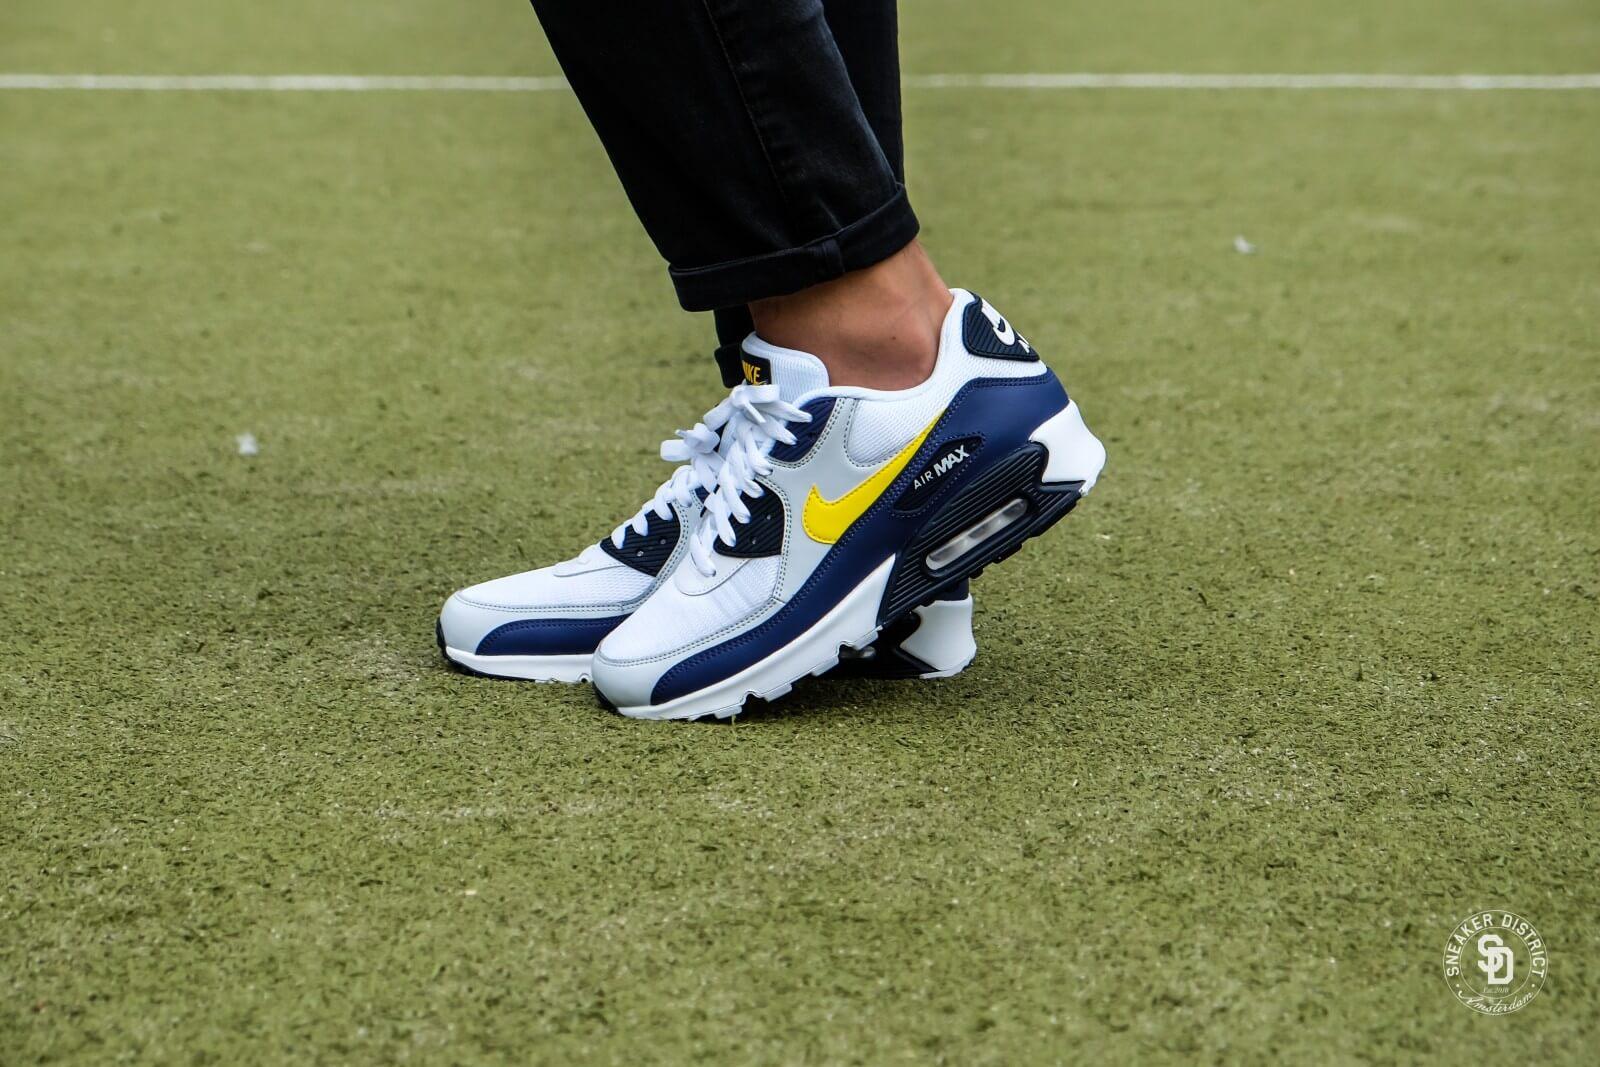 Blue D3ada Nike 90 Cheap Max Air C8819 Yellow FKTJ3luc1